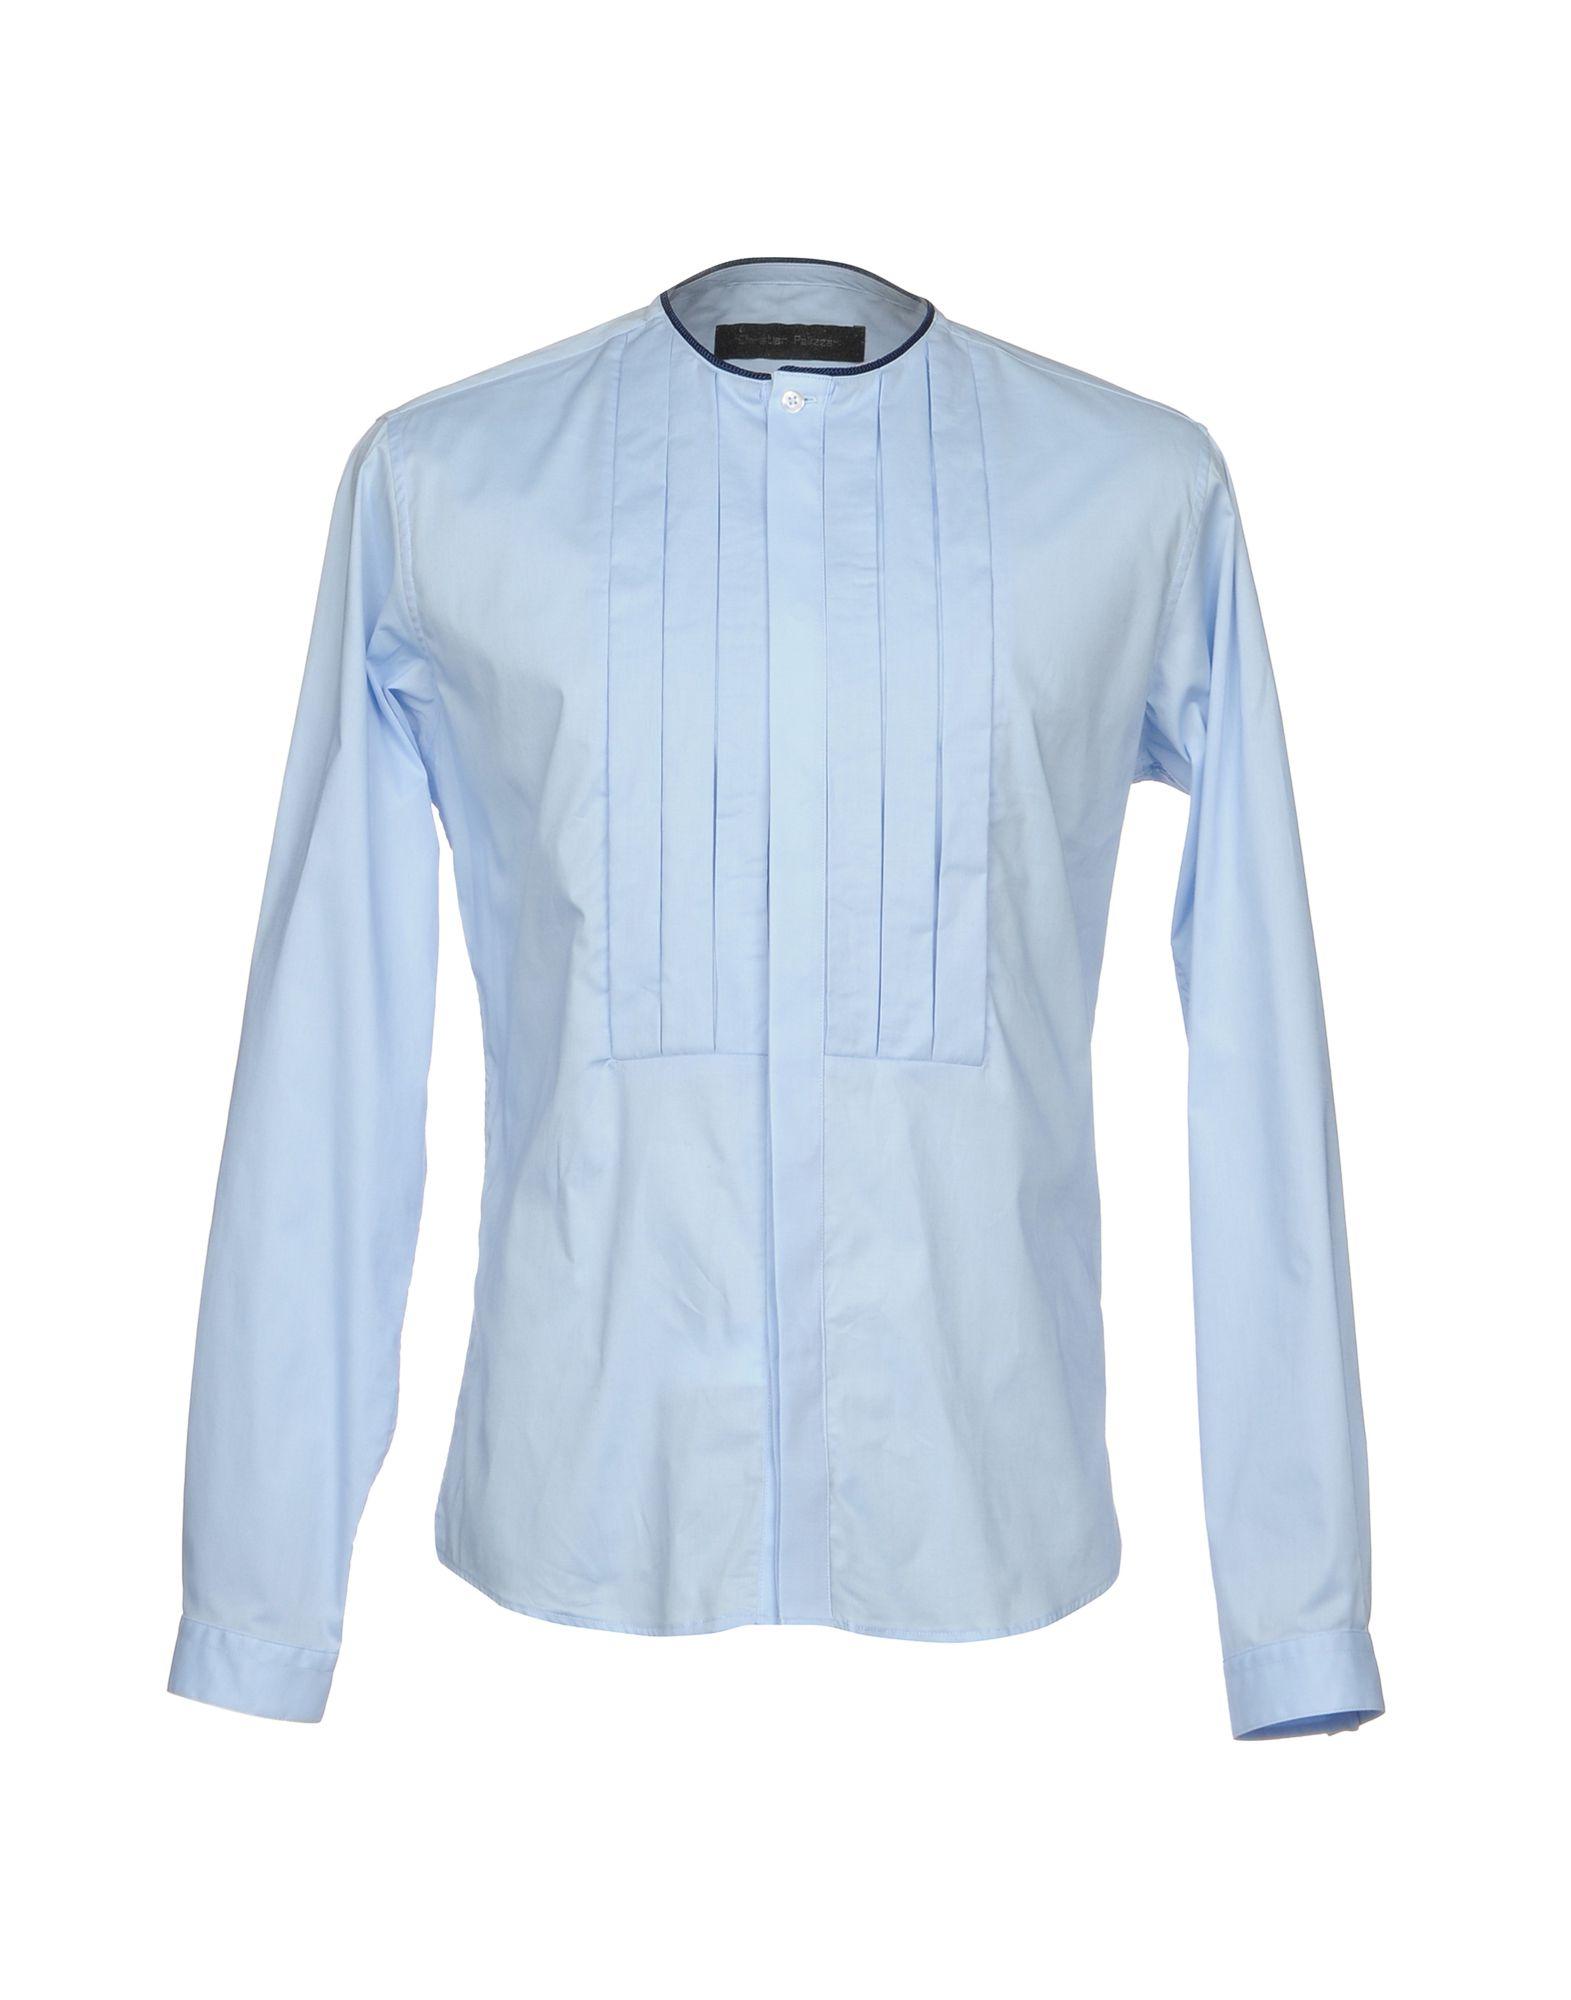 CHRISTIAN PELLIZZARI Herren Hemd Farbe Himmelblau Größe 4